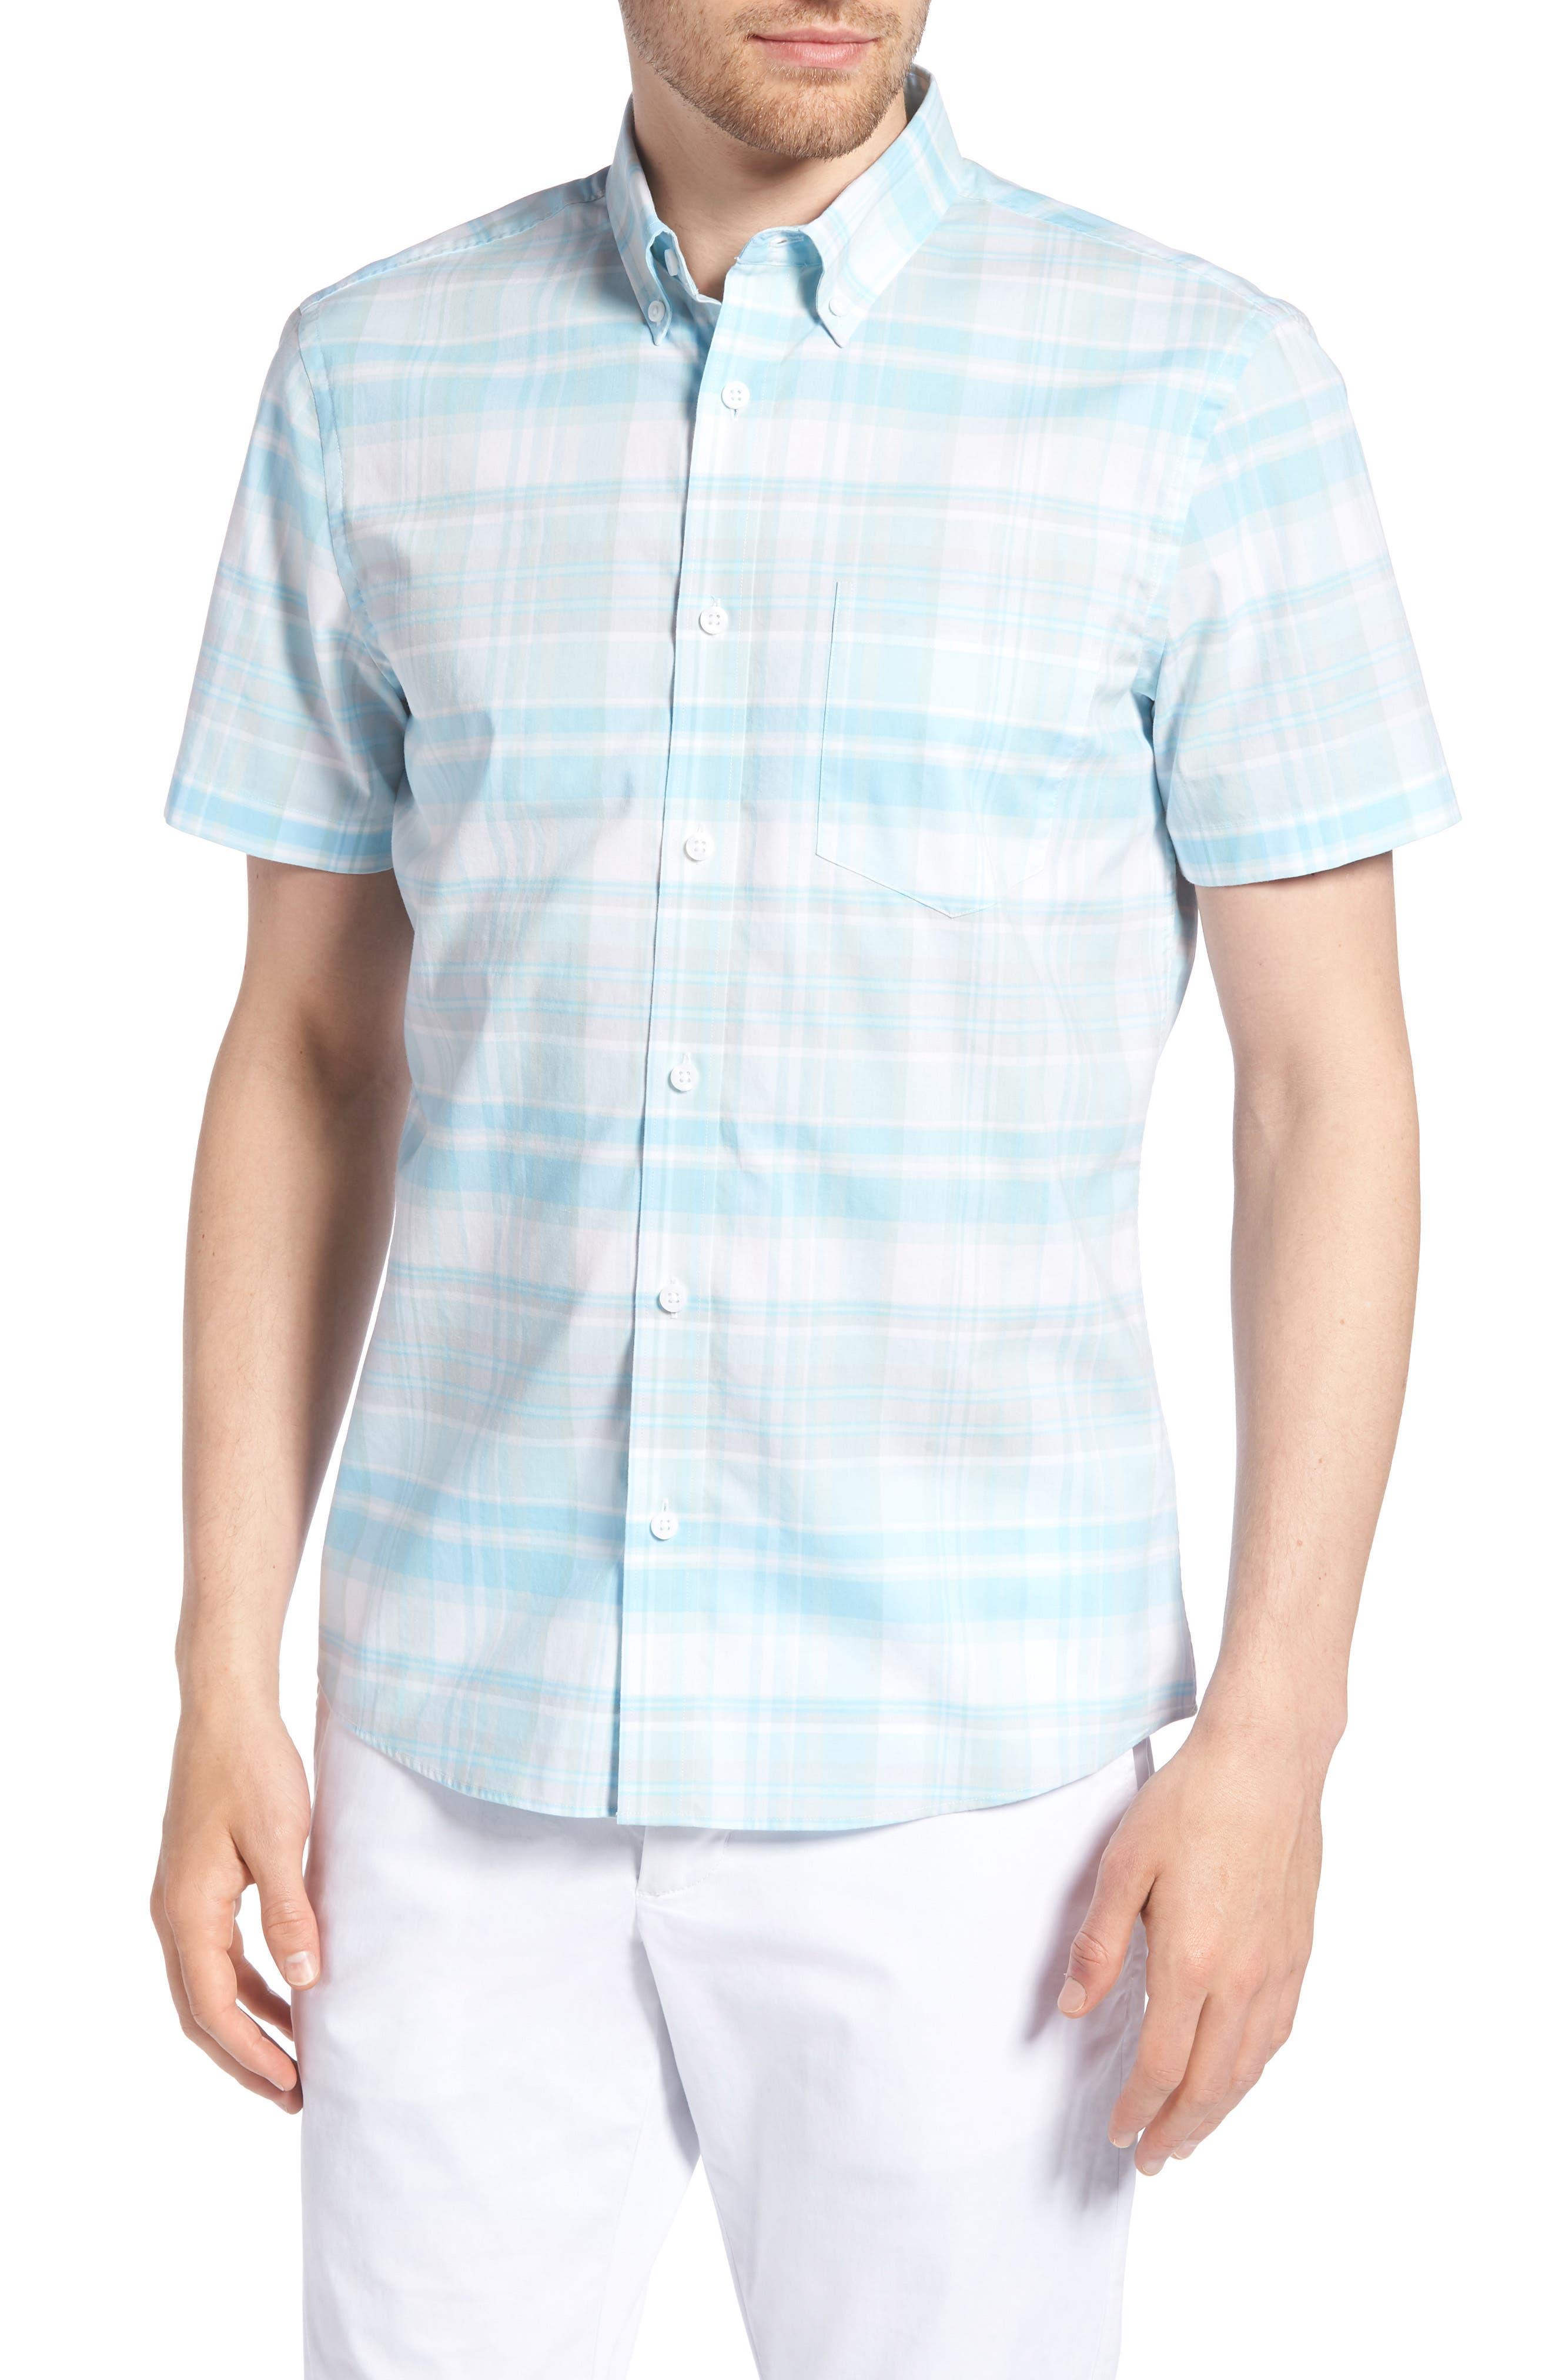 Trim Fit Plaid Sport Shirt,                             Main thumbnail 1, color,                             Blue Orydalis Teal Plaid